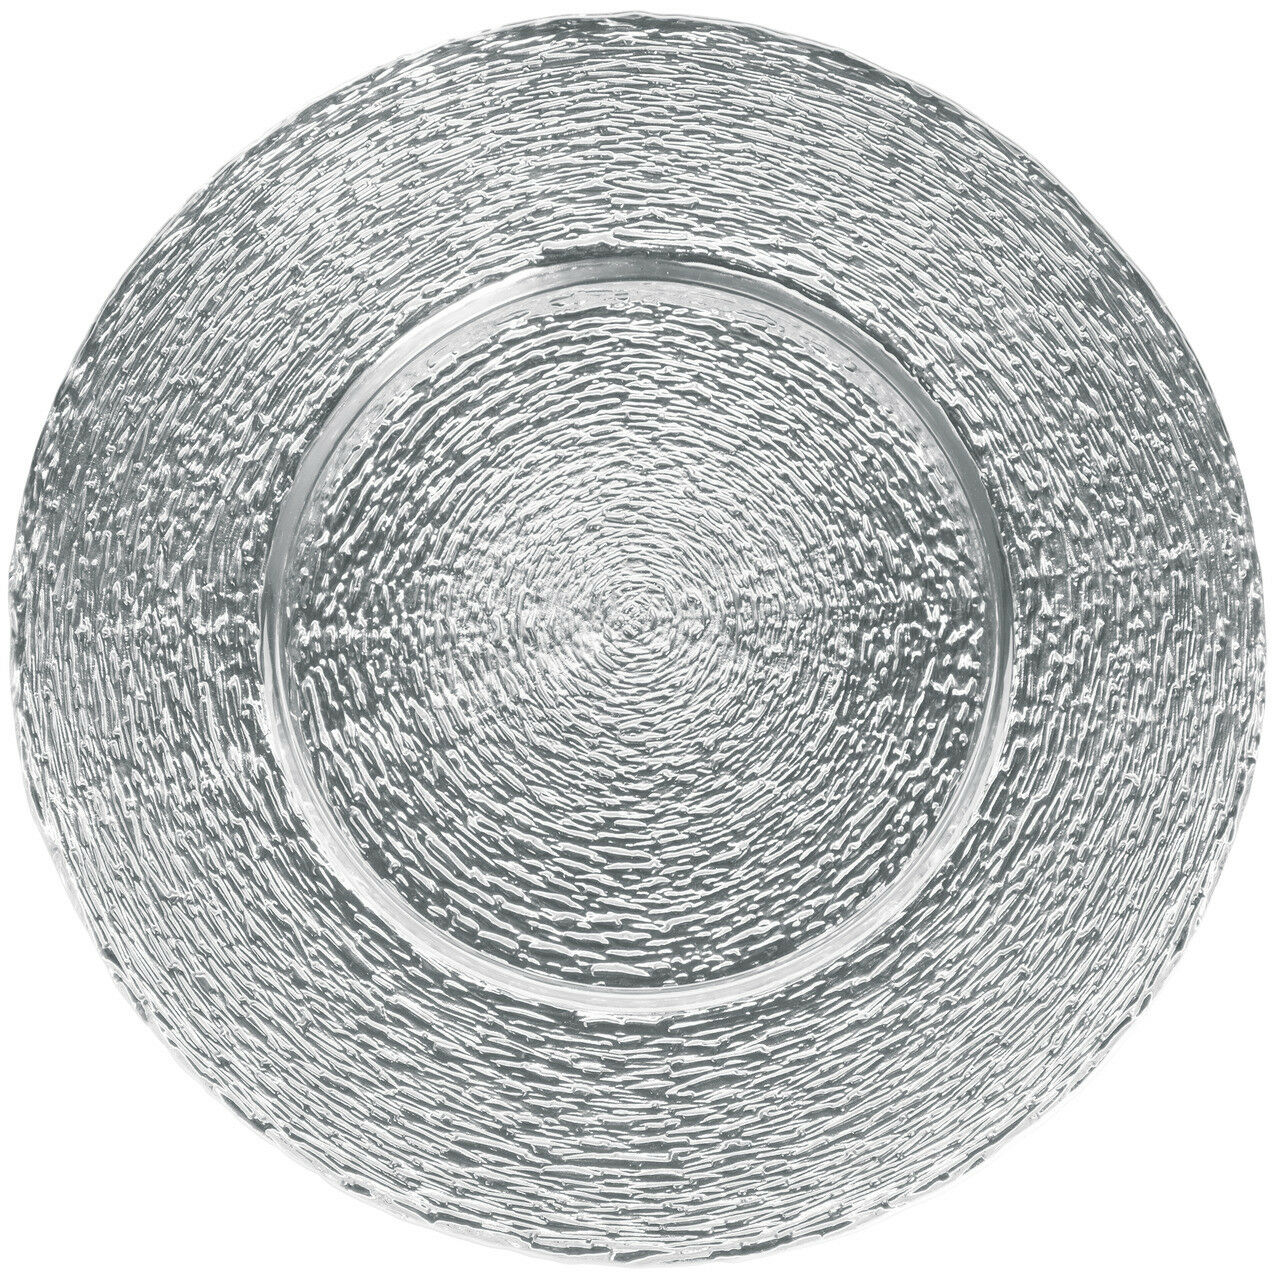 Sous-assiette assiettes en verre assiette,6 pièces, Couleur Unie